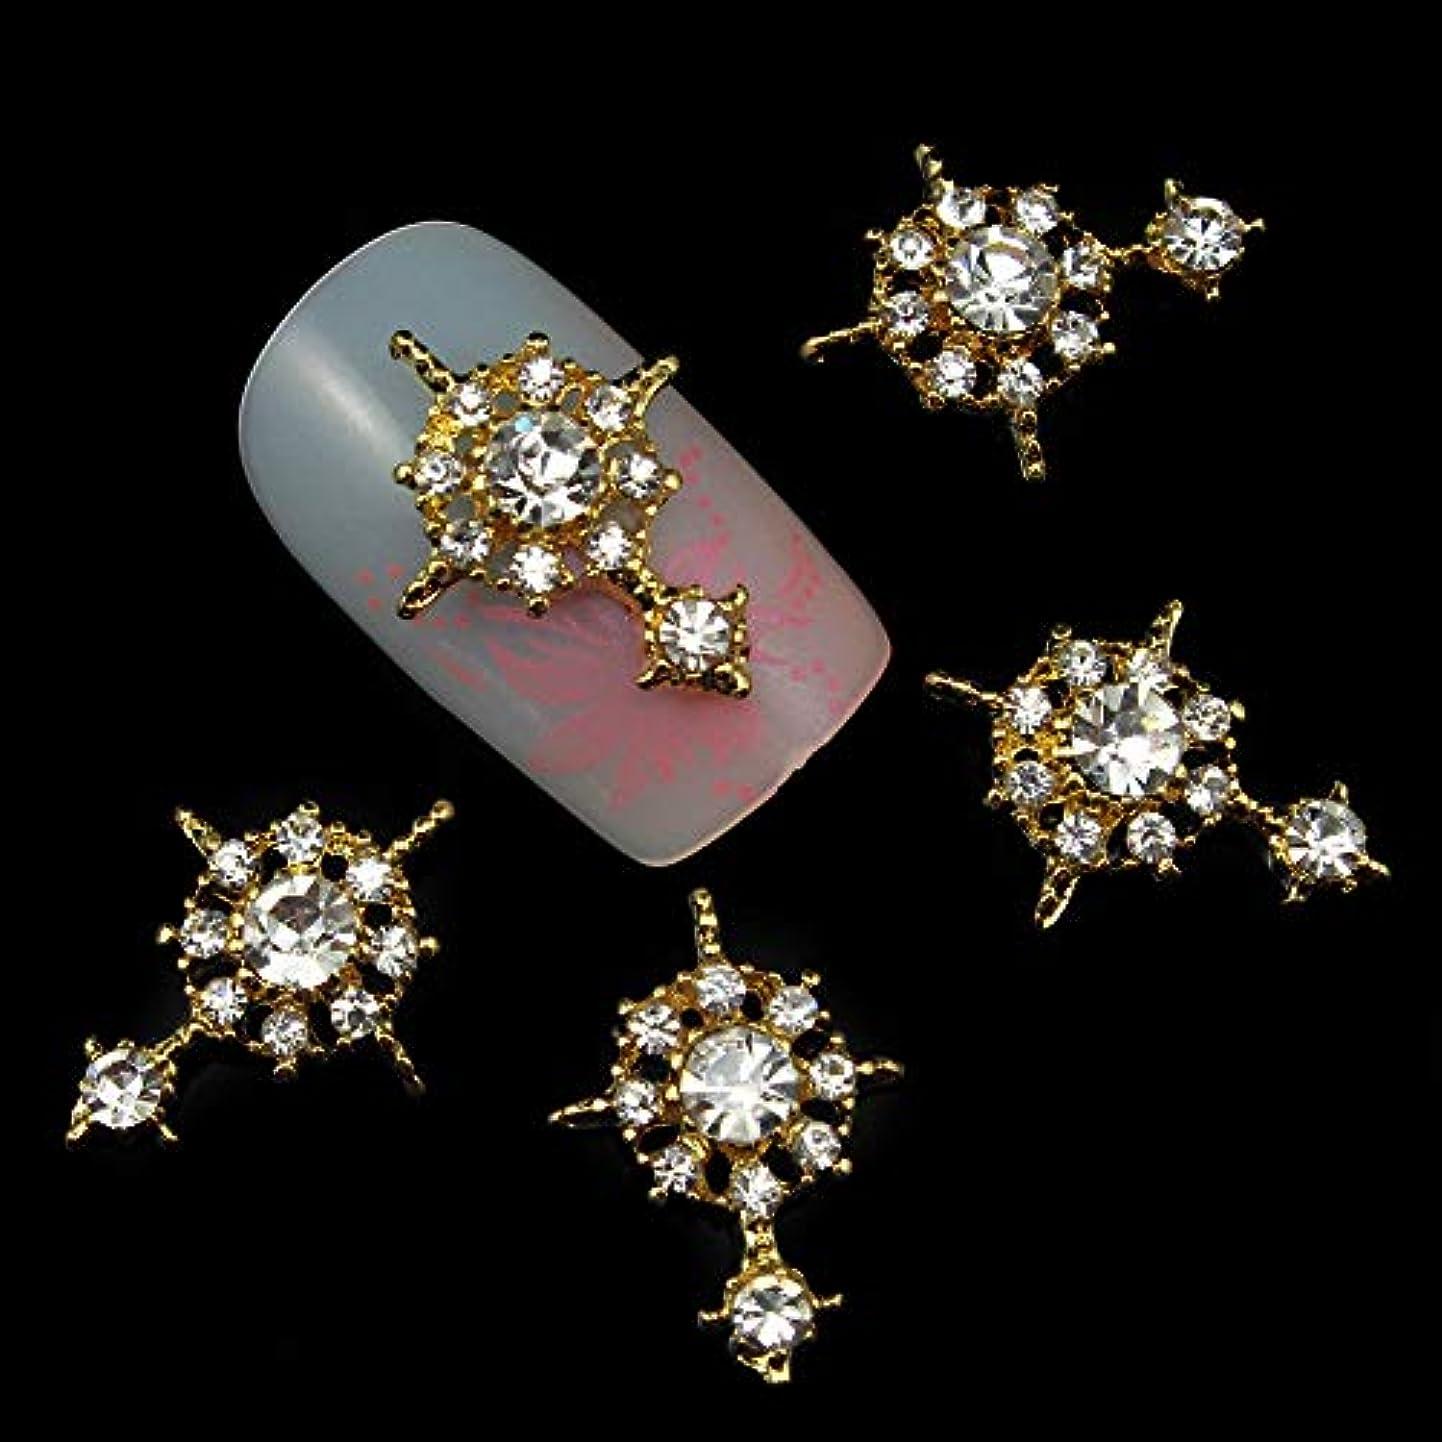 テントヒューム狂乱10個入りゴールドラダーネイルラインストーングリッター1セットの3Dネイルアートの装飾ゴールドチャームDIYネイルアクセサリー